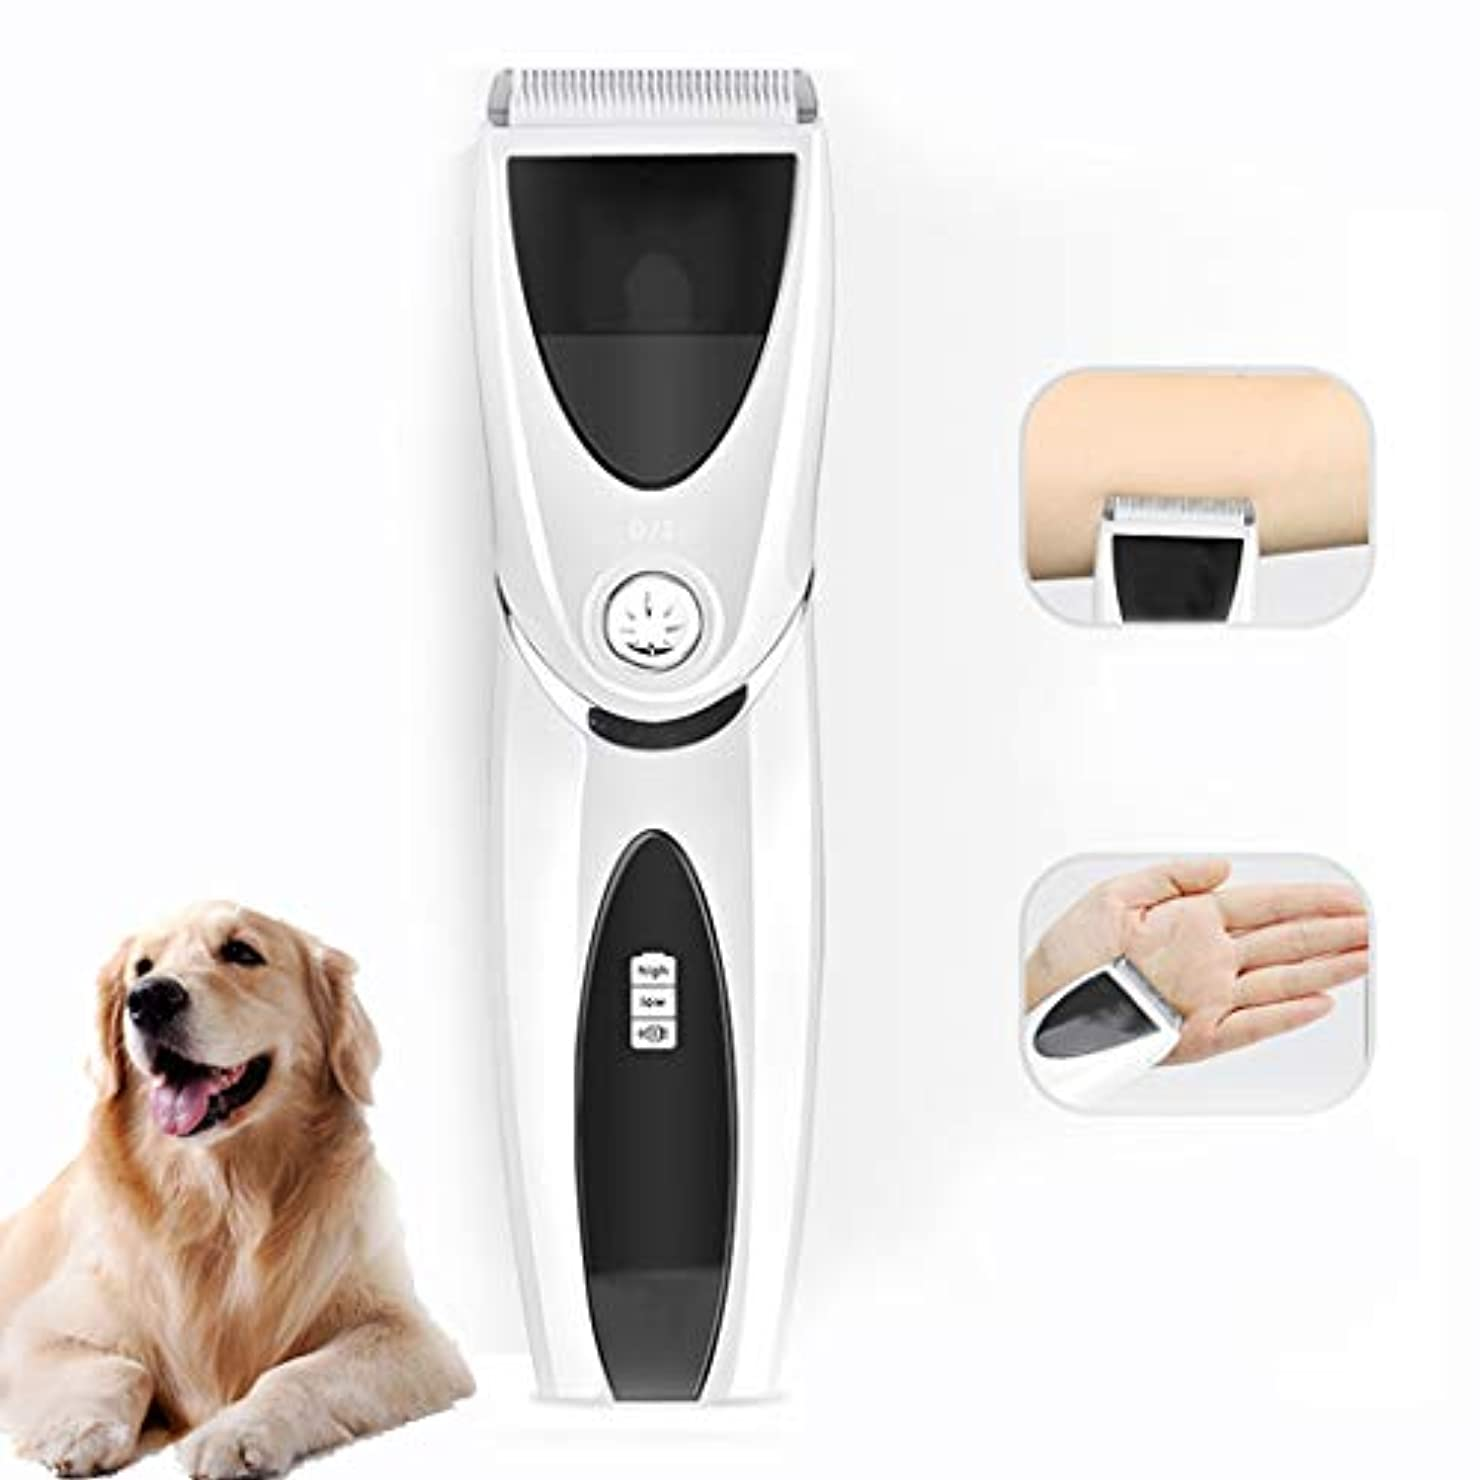 楽なトリム掃く犬用バリカン、低雑音犬グルーミングクリッパー充電式コードレスペット毛トリマー、犬猫ペット用最高のバリカン